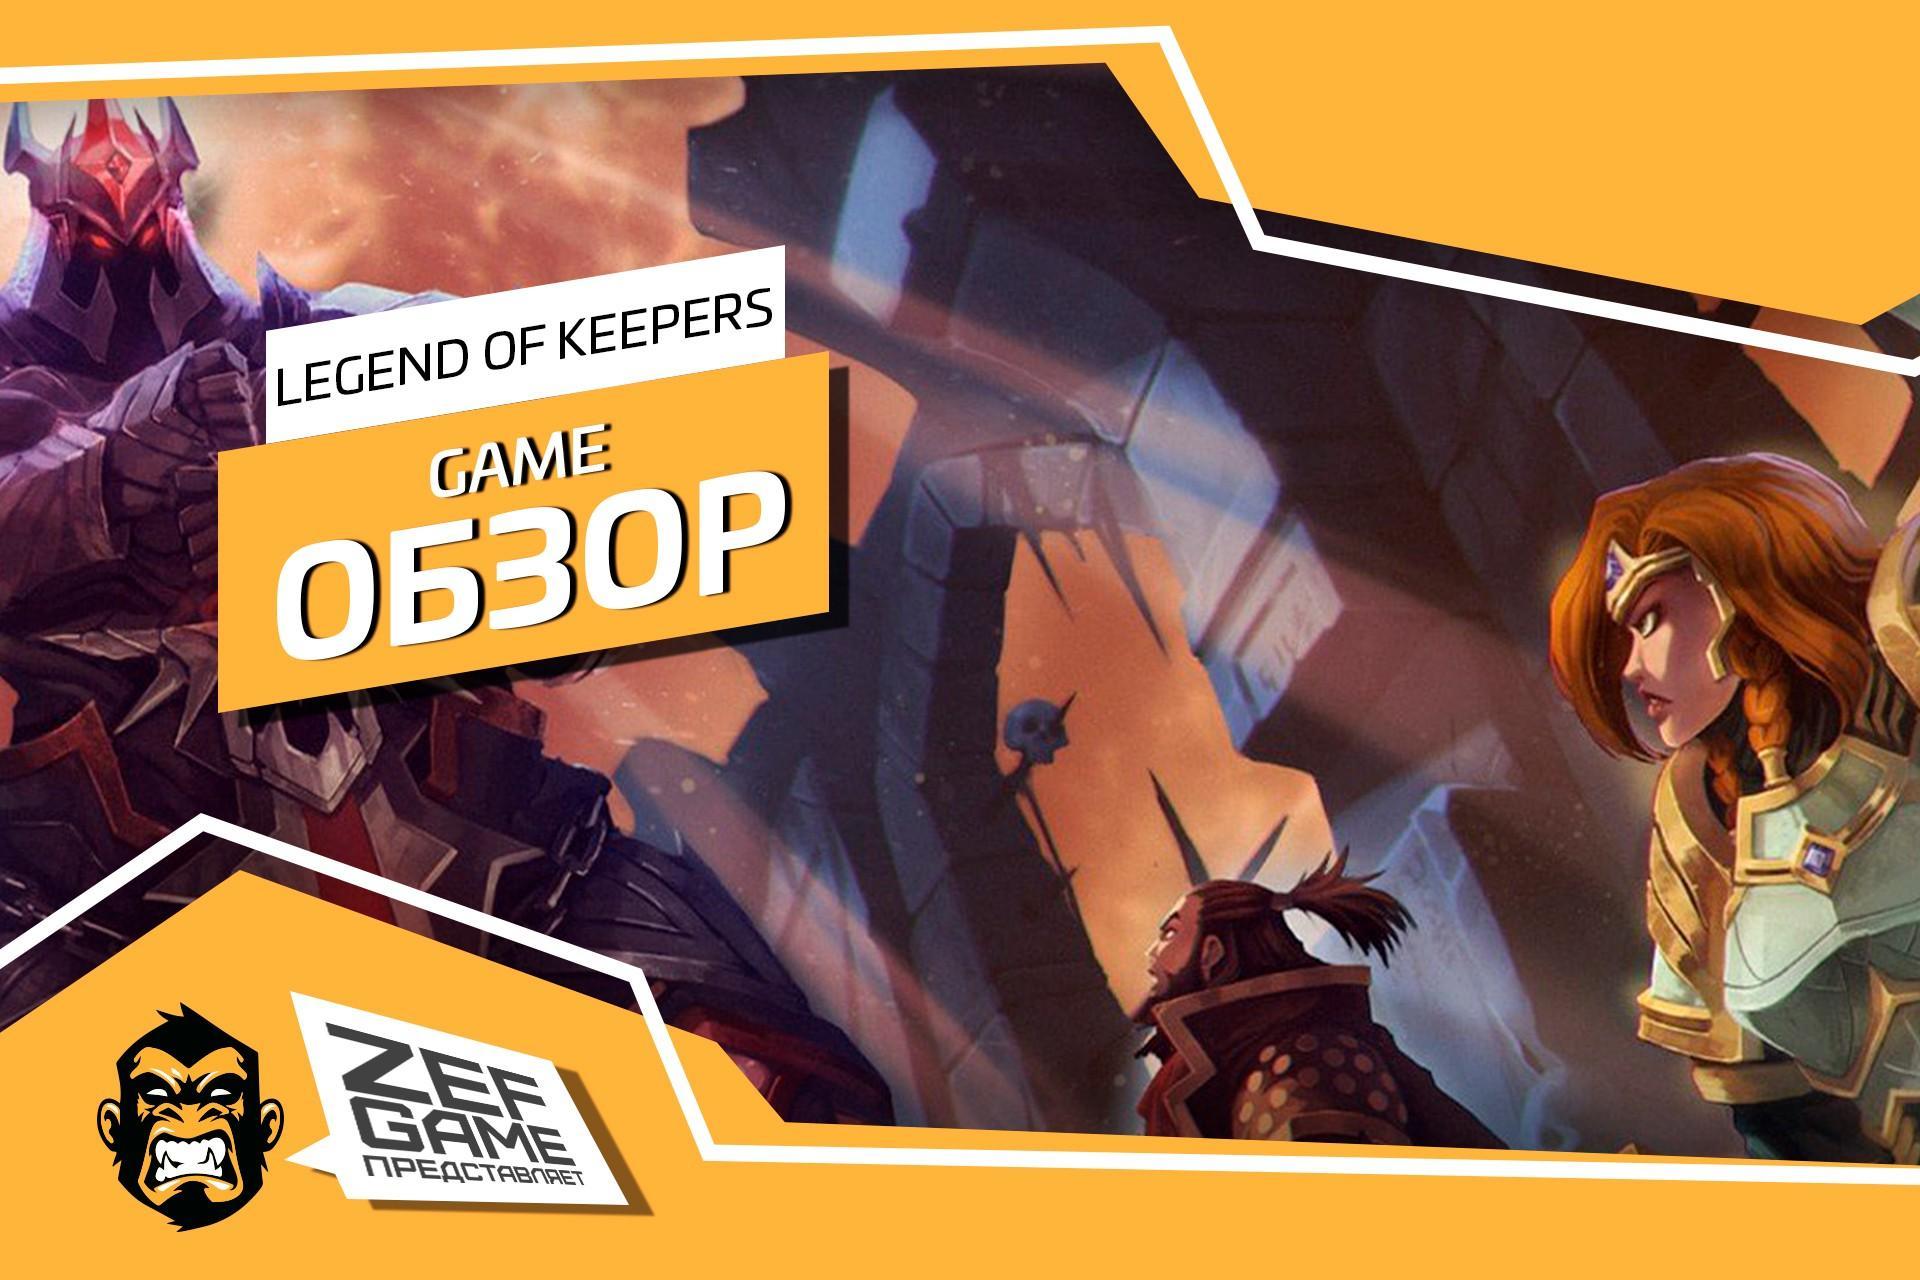 Обзор: Legend of Keepers - Ограбление сокровищниц отменяется 14